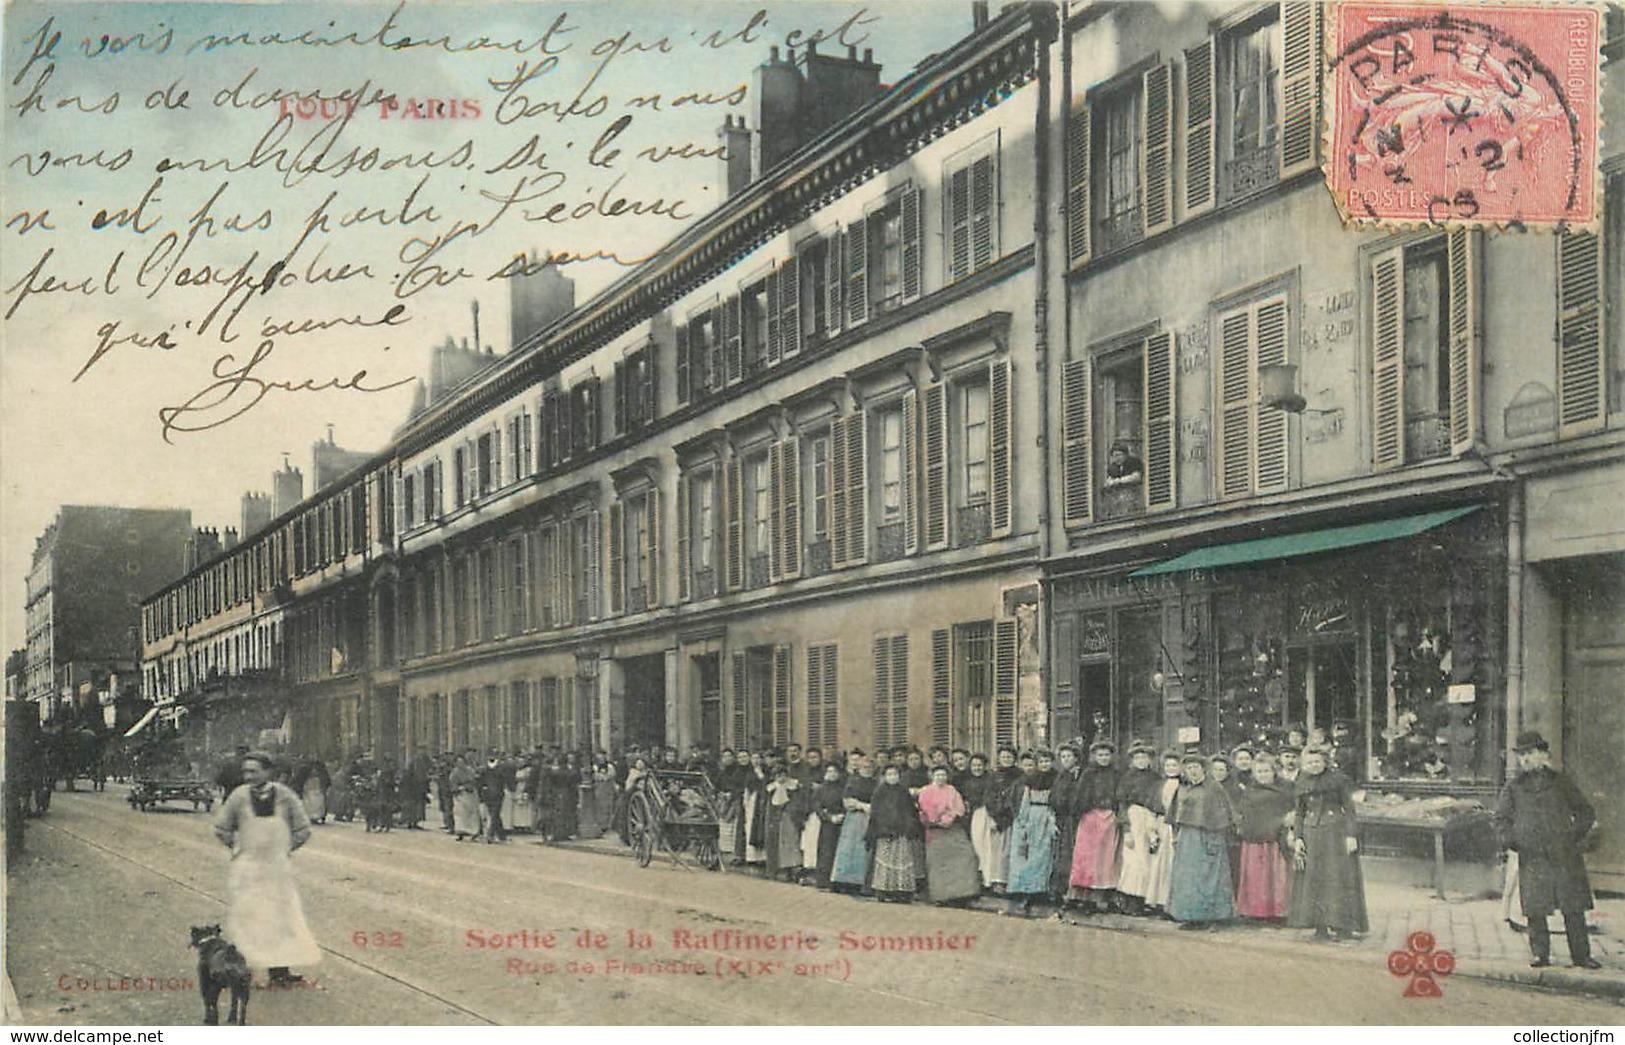 """CPA FRANCE 75020 """"Paris, Sortie De La Raffinerie Sommier, Rue De Flandre"""" / Collection TOUT PARIS / COLORISÉE - Arrondissement: 19"""